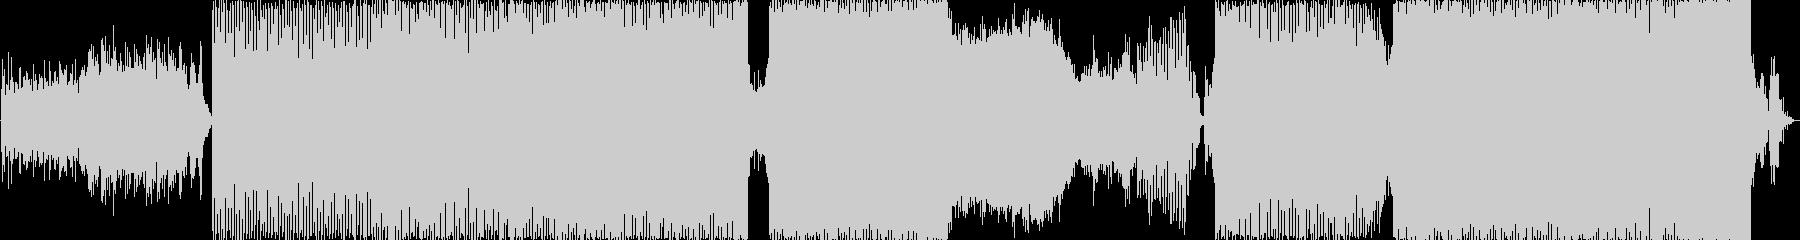 和風テクノです。ハウス調にもなっていま…の未再生の波形